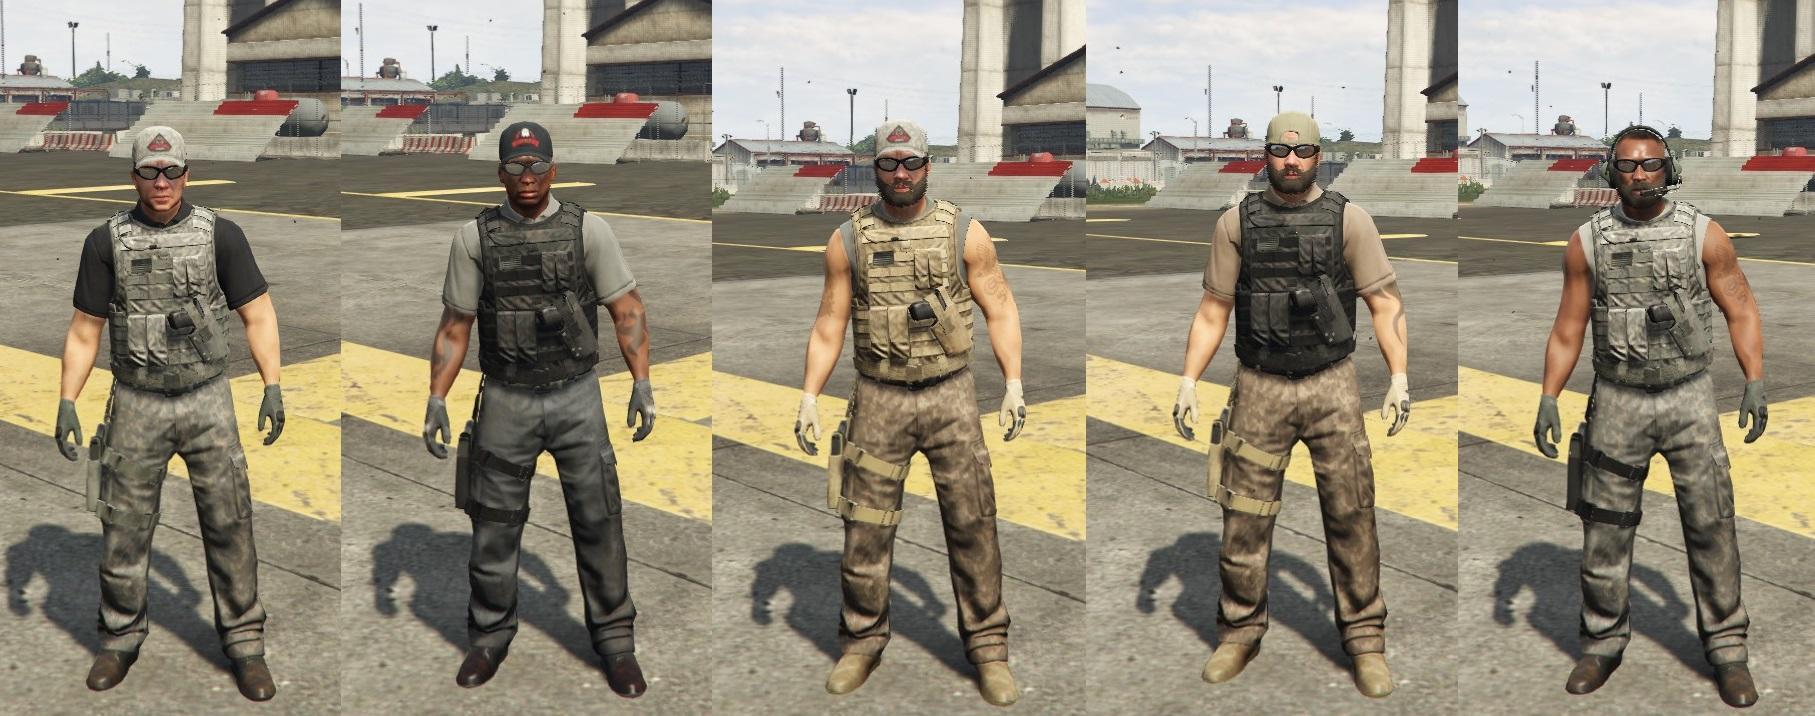 【知己知彼百战不殆】《GTA》系列武装力量简介:梅利威瑟私人安保插图4